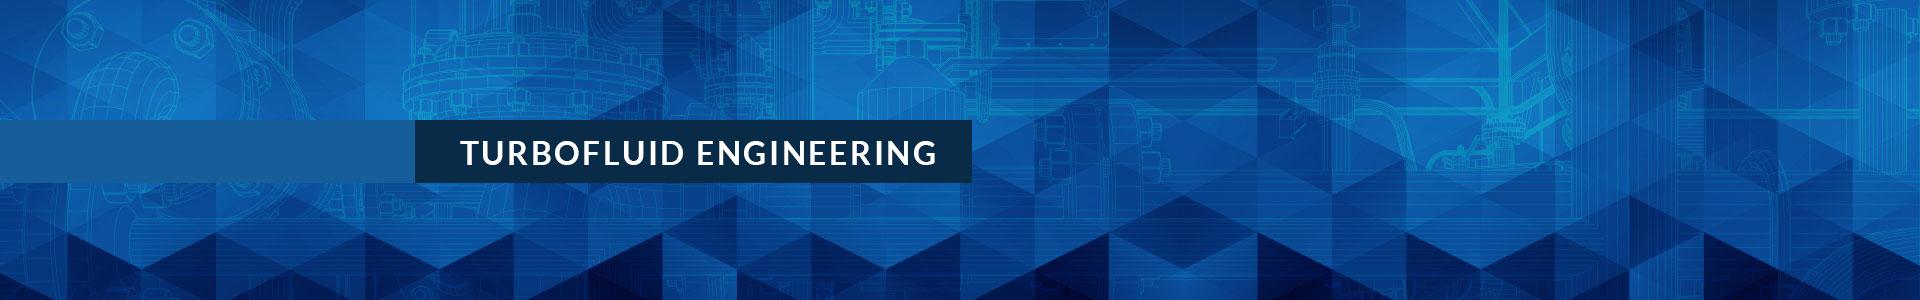 turbofluid_engineering_bnr_300px_sml